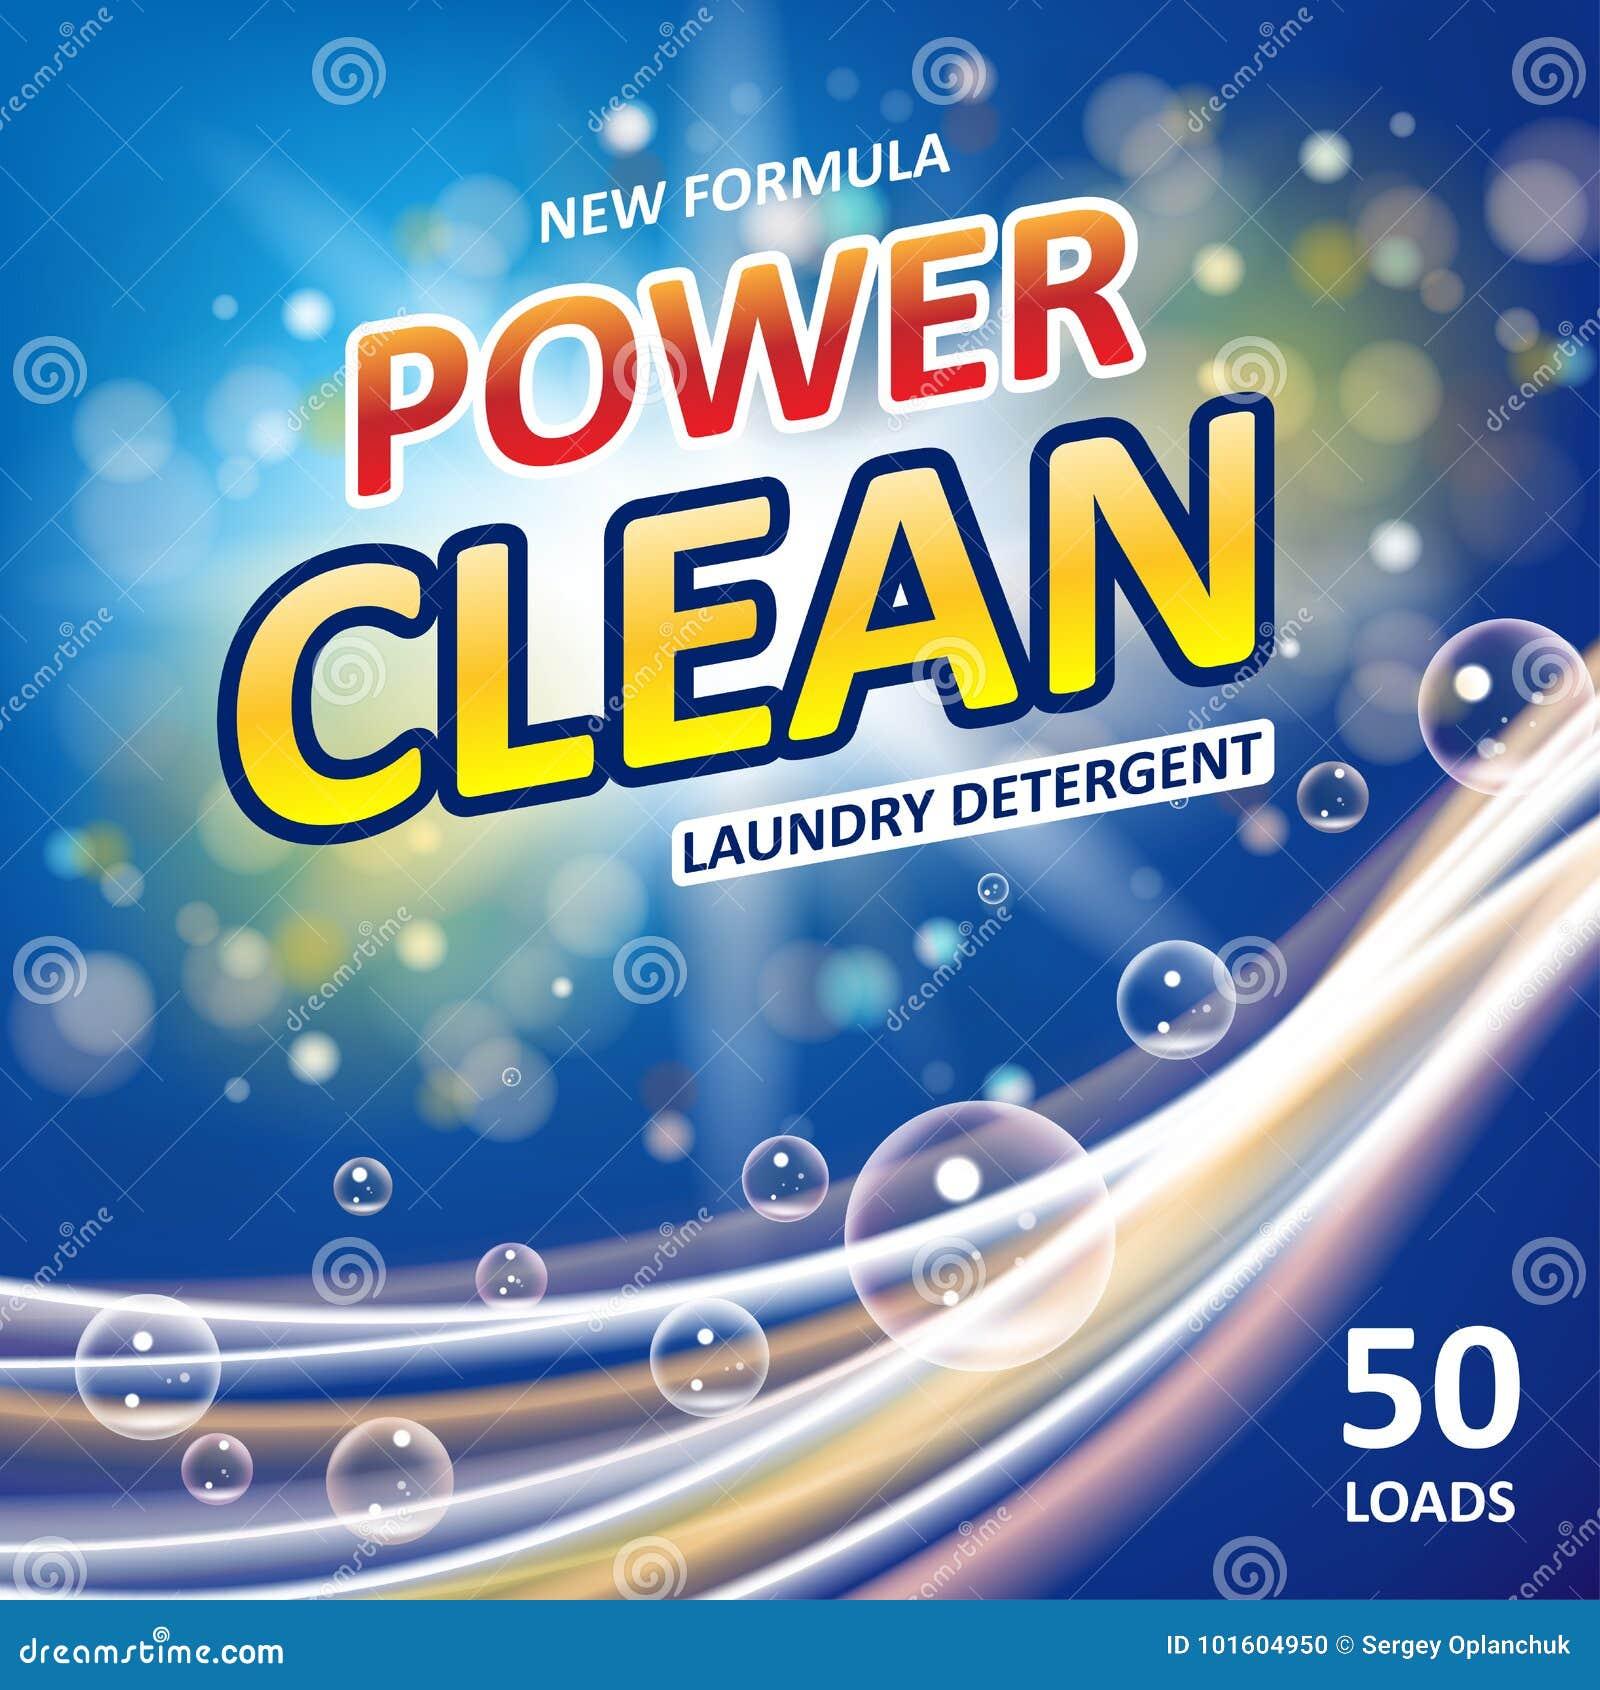 Seifenfahnen-Anzeigendesign der Energie sauberes Waschmittel-bunte Schablone Waschpulver oder flüssige Reinigungsmittel-Paket